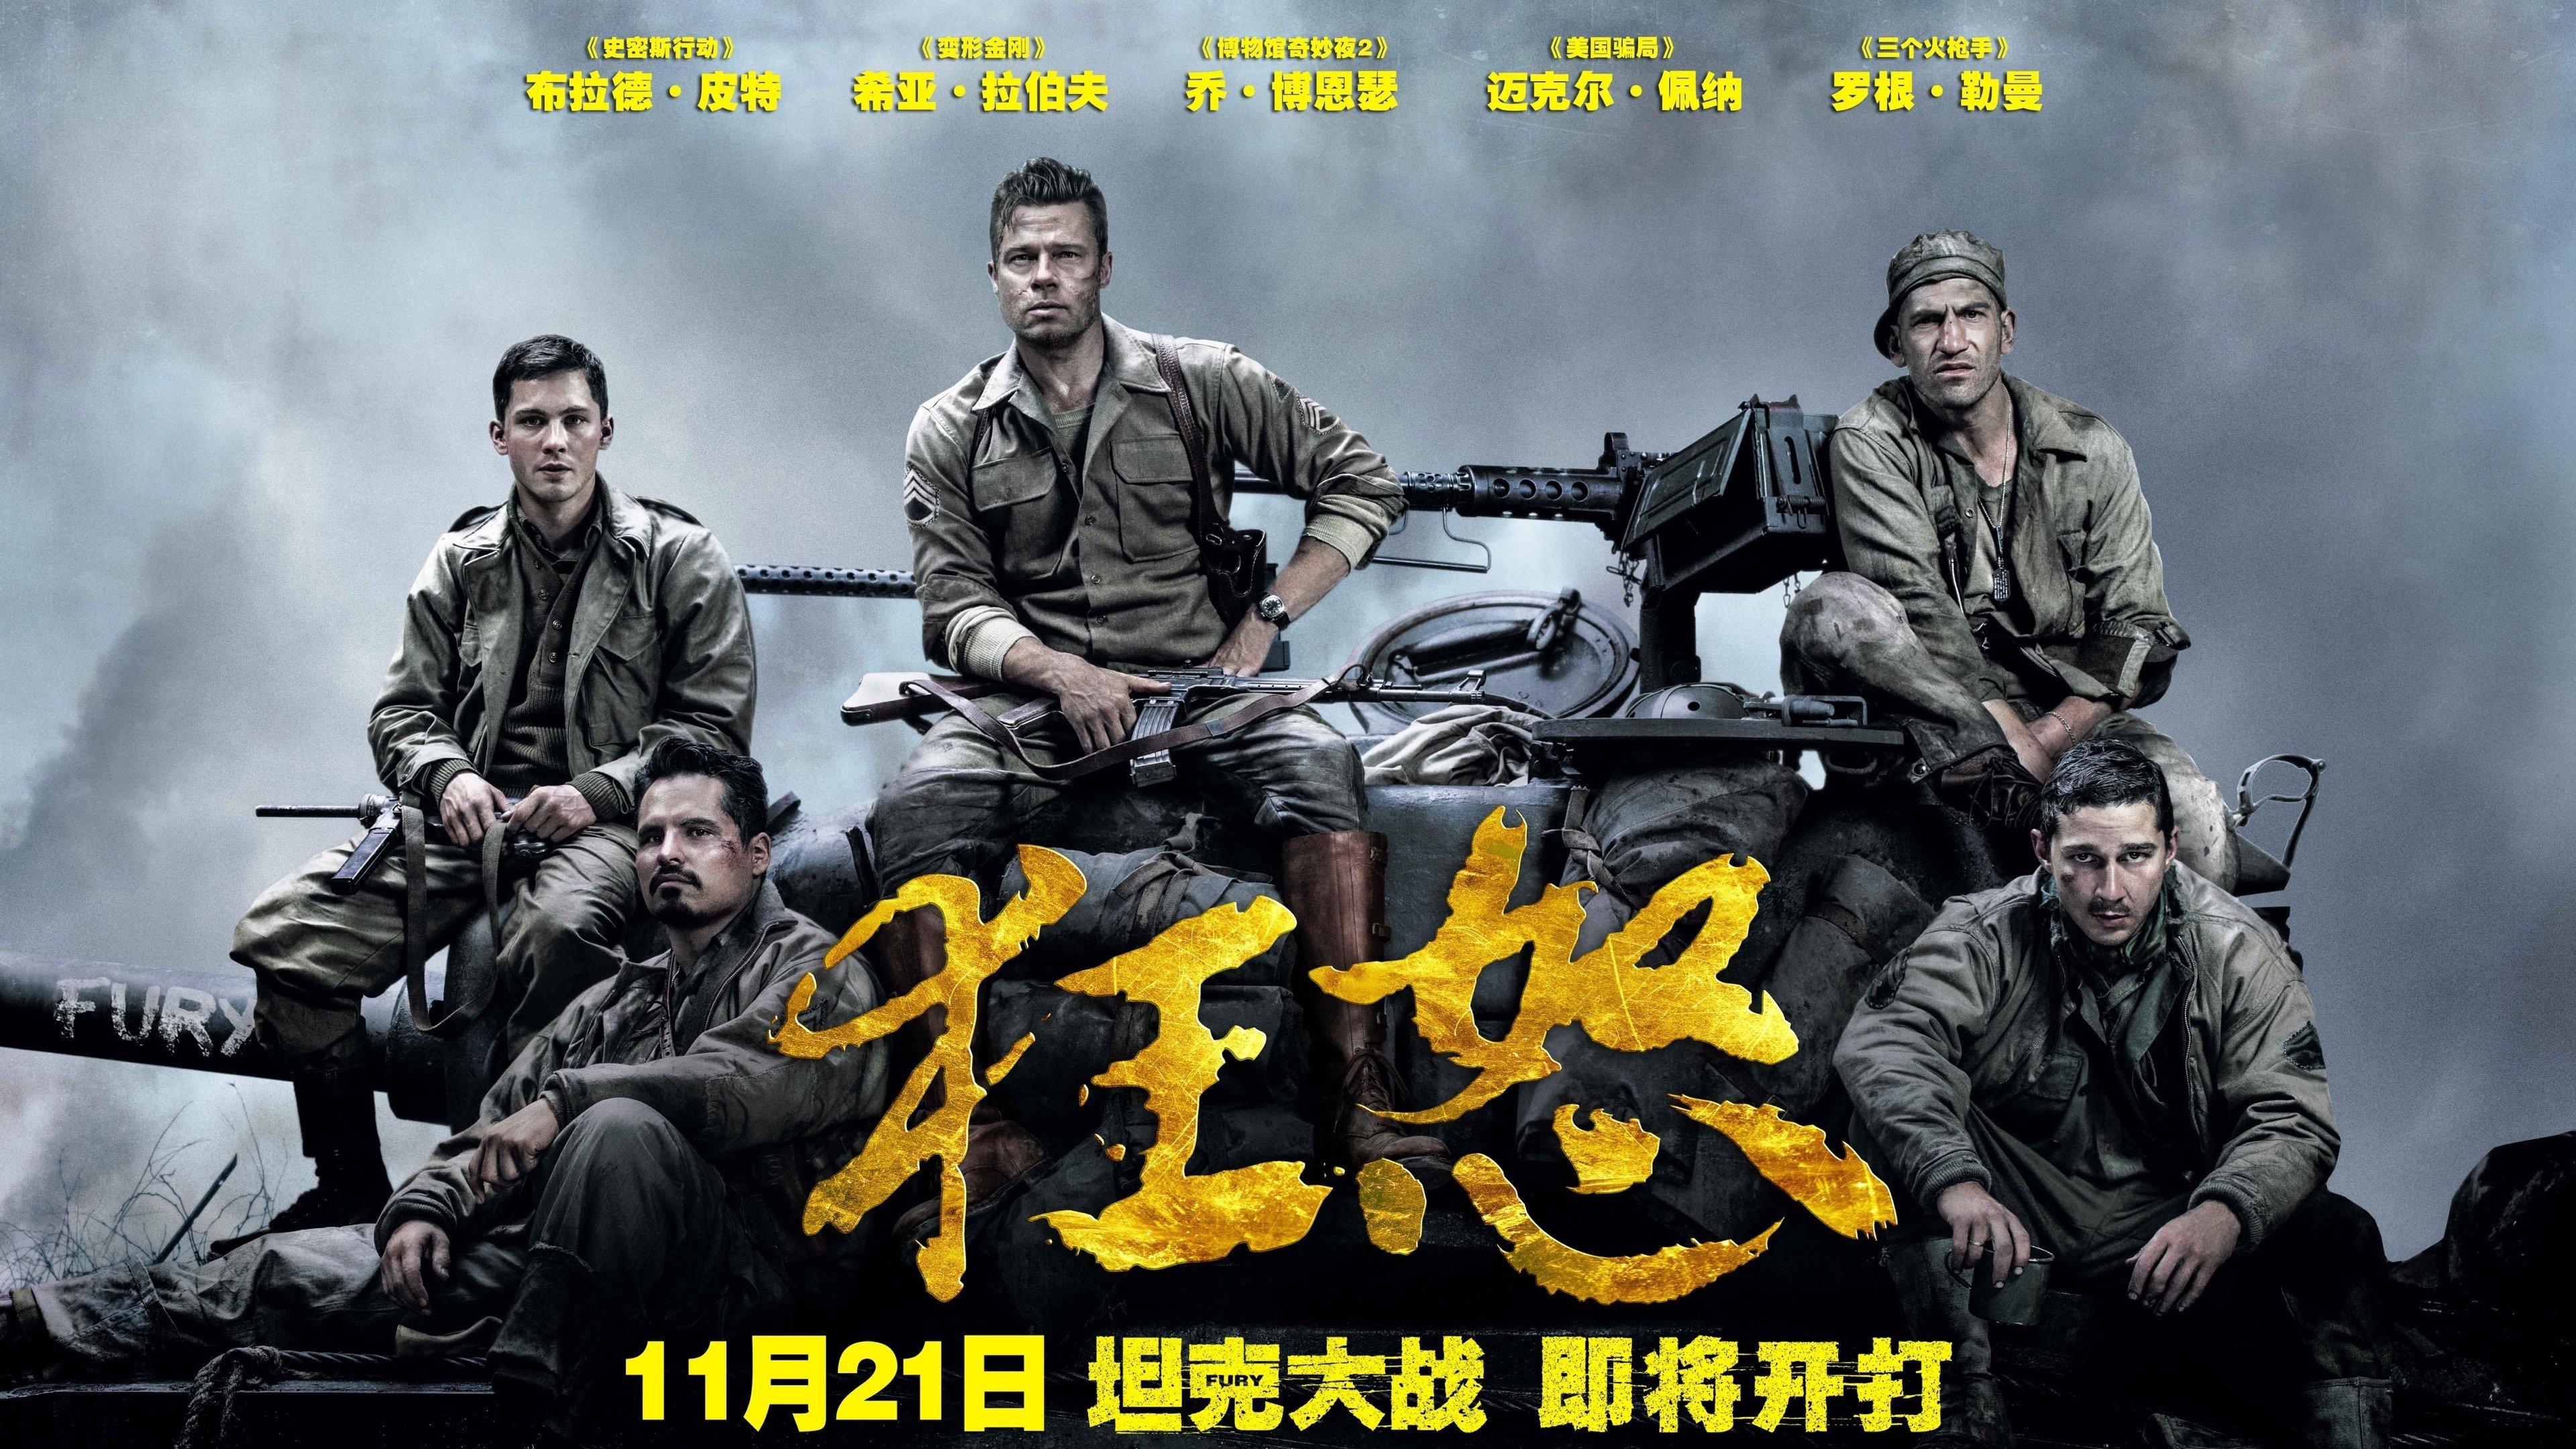 Shia Labeouf: Brad Pitt, Jon Bernthal, Logan Lerman, Michael Peña, Shia Labeouf